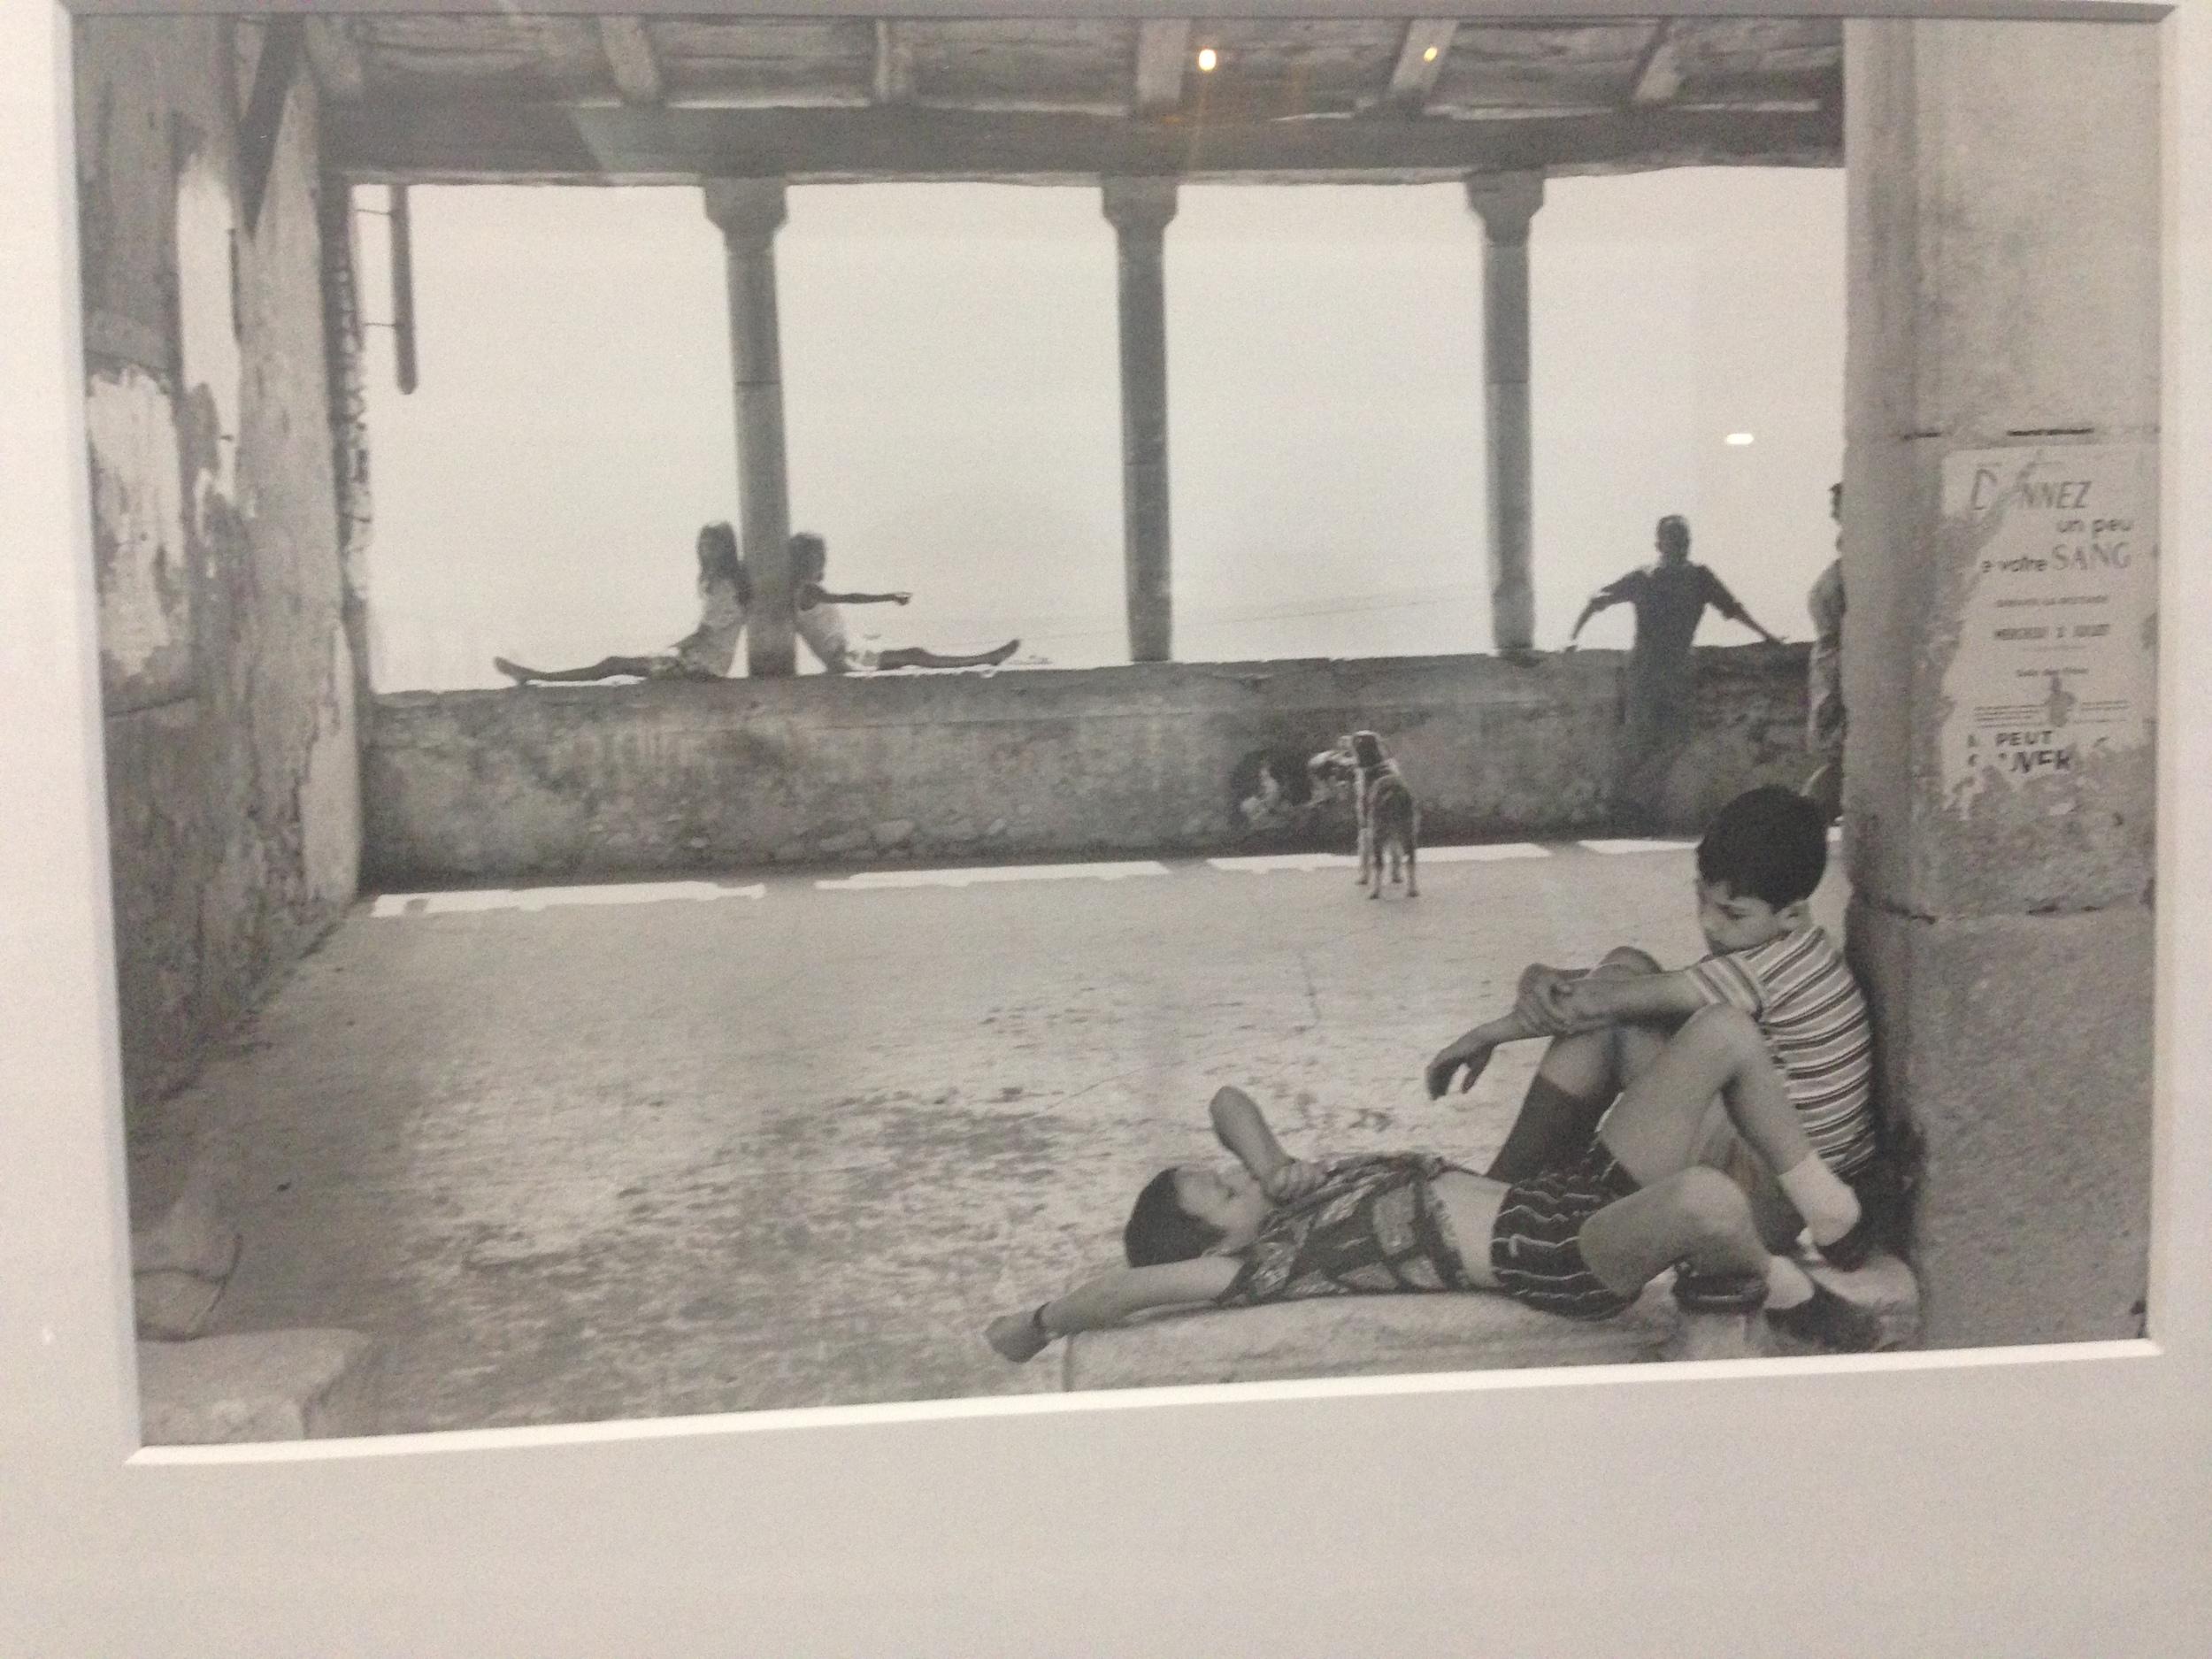 Henri Cartier-Bresson, The Pompidou Center PARIS